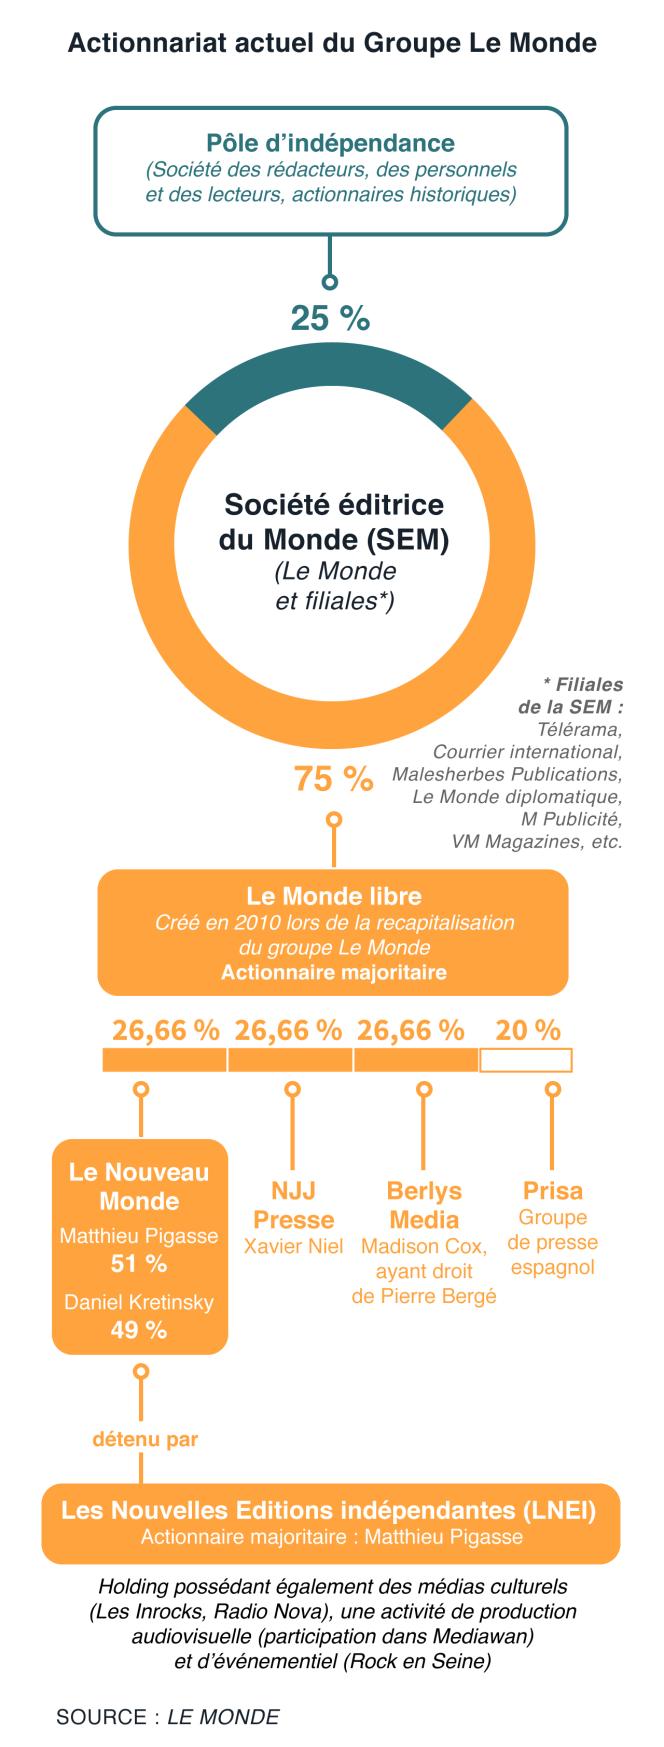 L'actionnariat du groupe Le Monde au 26 octobre 2018